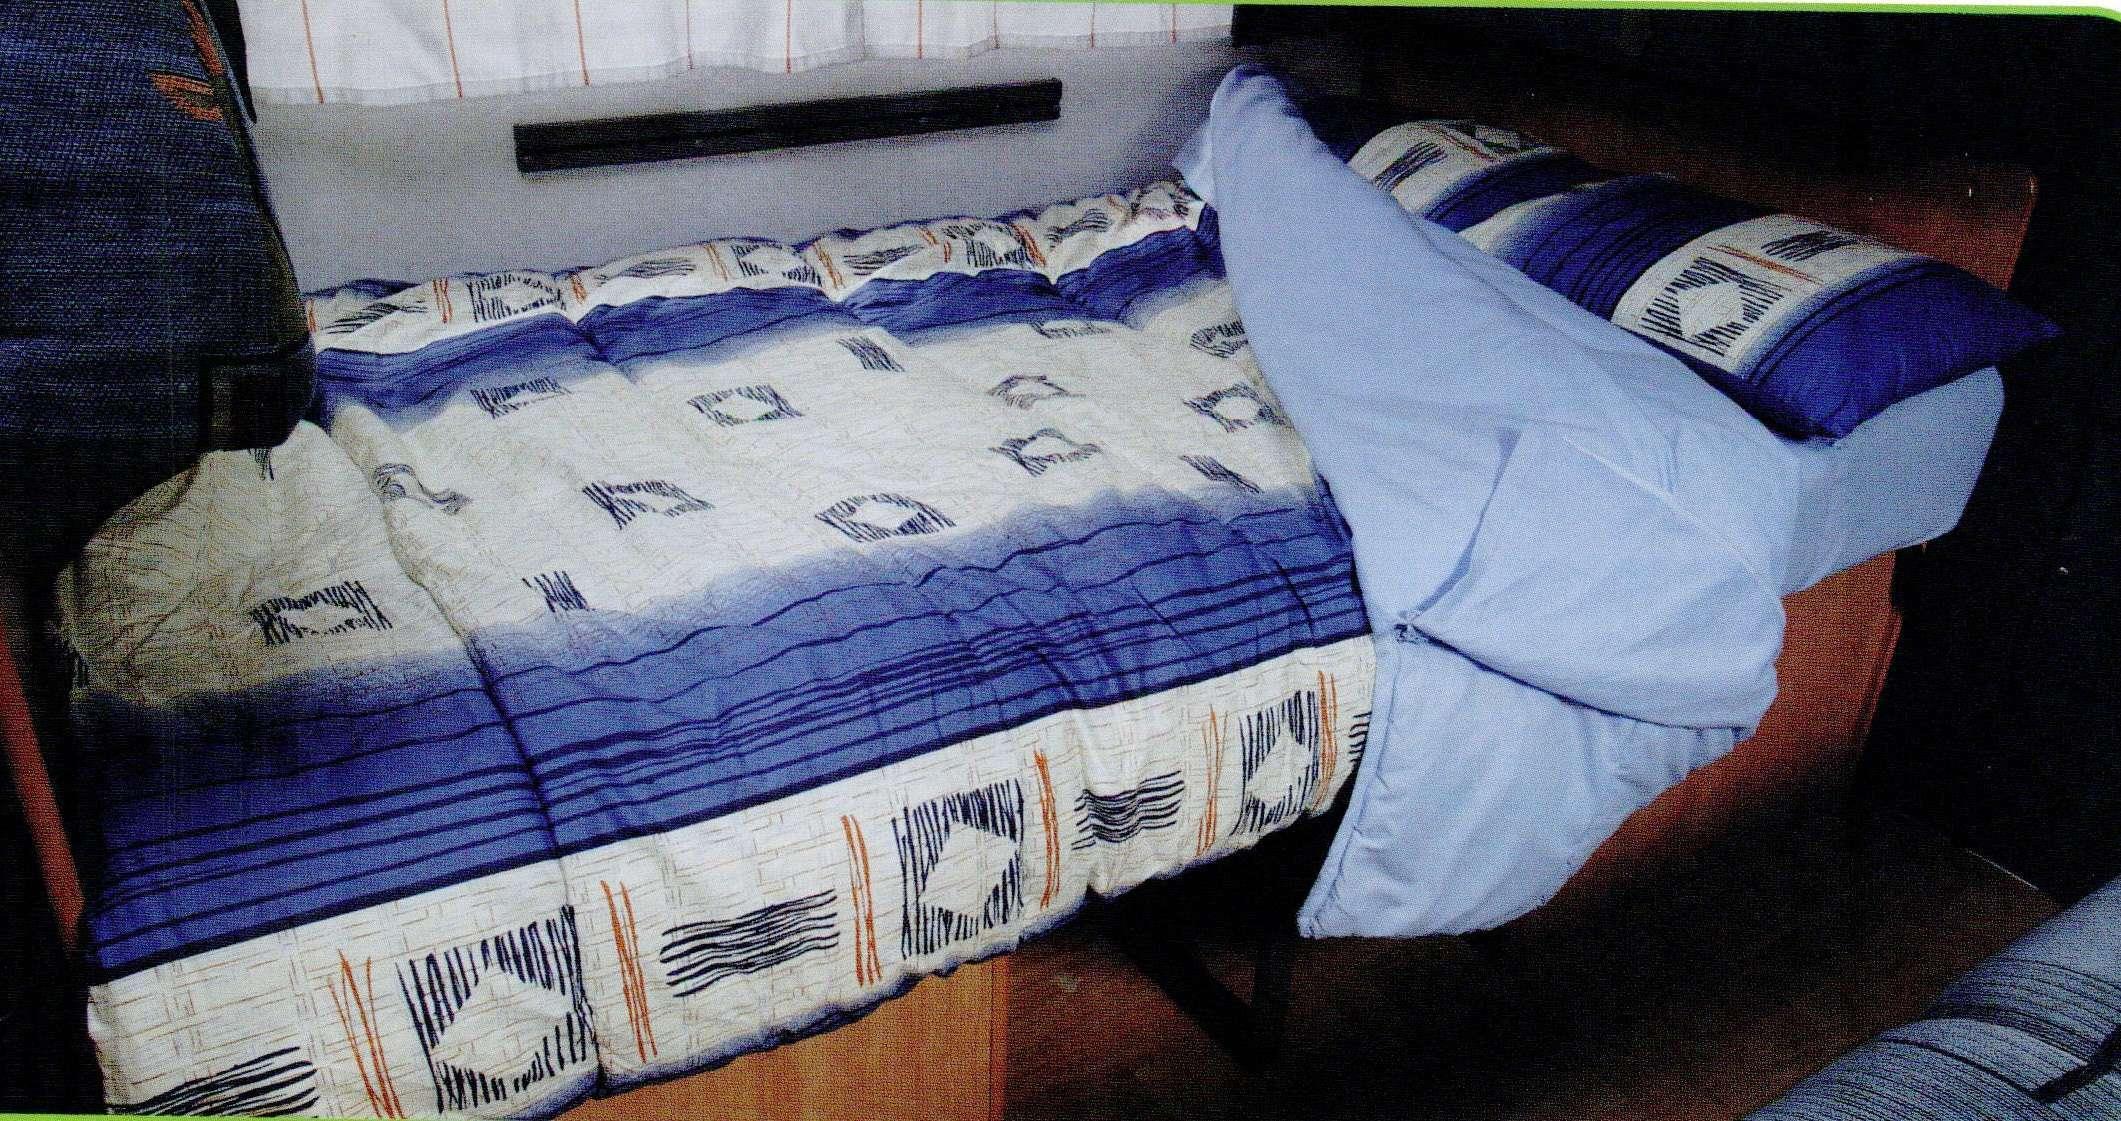 Sacco letto camper singolo pronto letto - Pronto letto camper ...